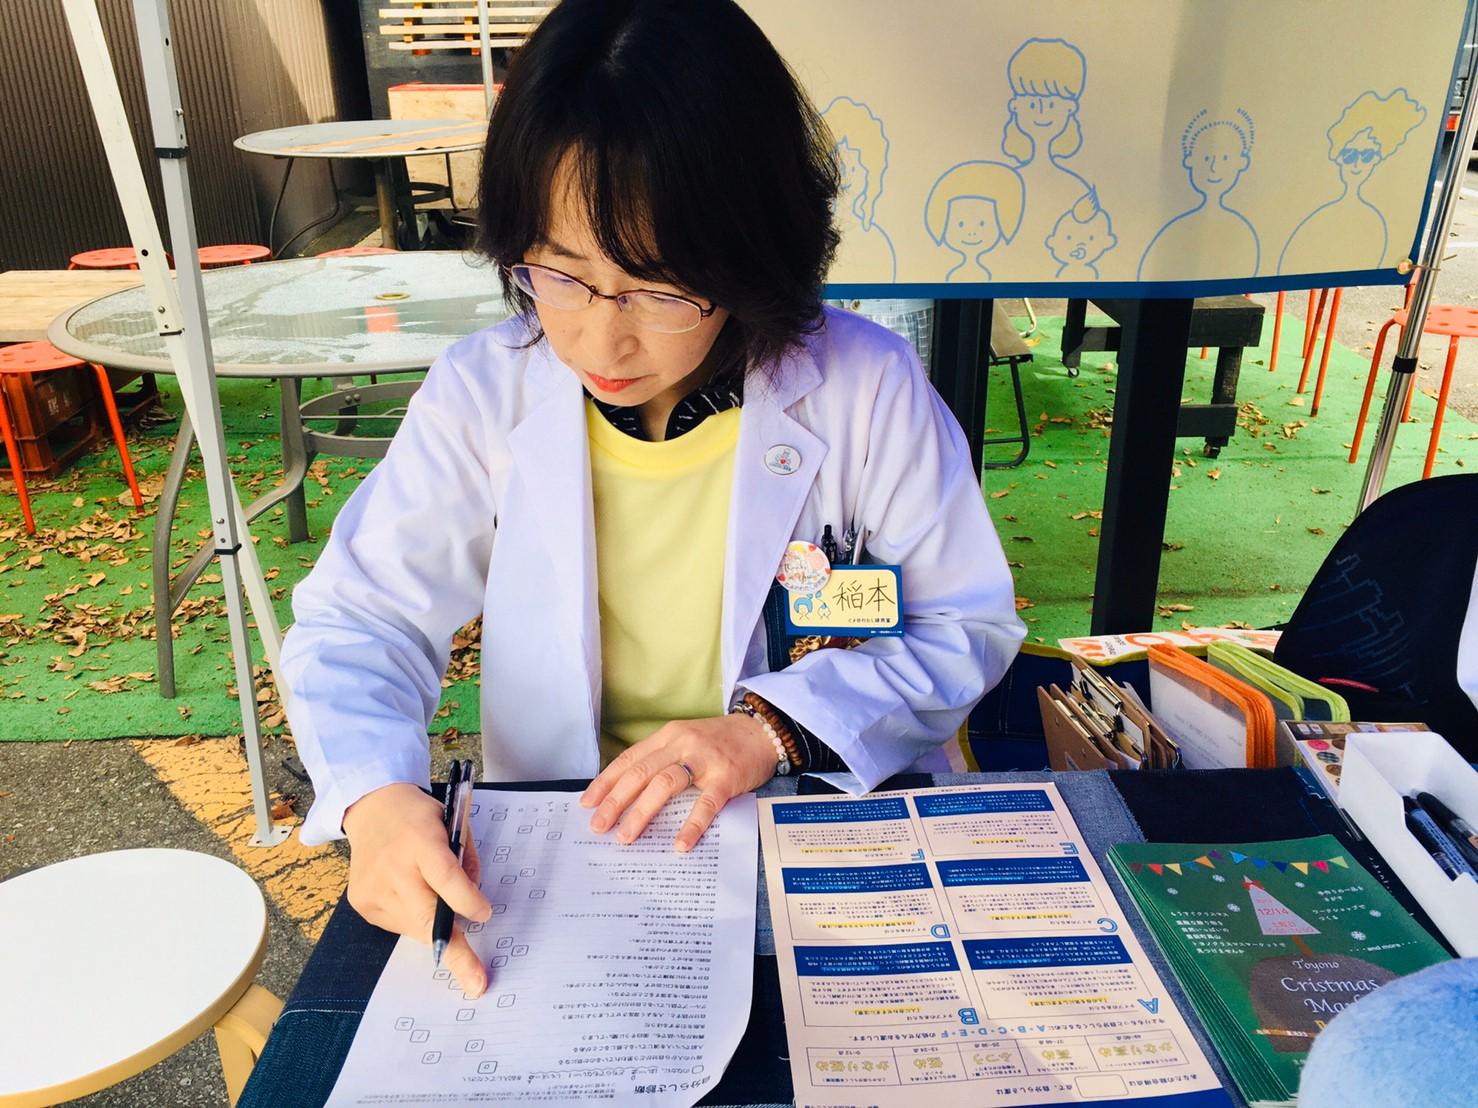 【地域プロジェクト】「自分らしさ度チェック」イベント開催レポート